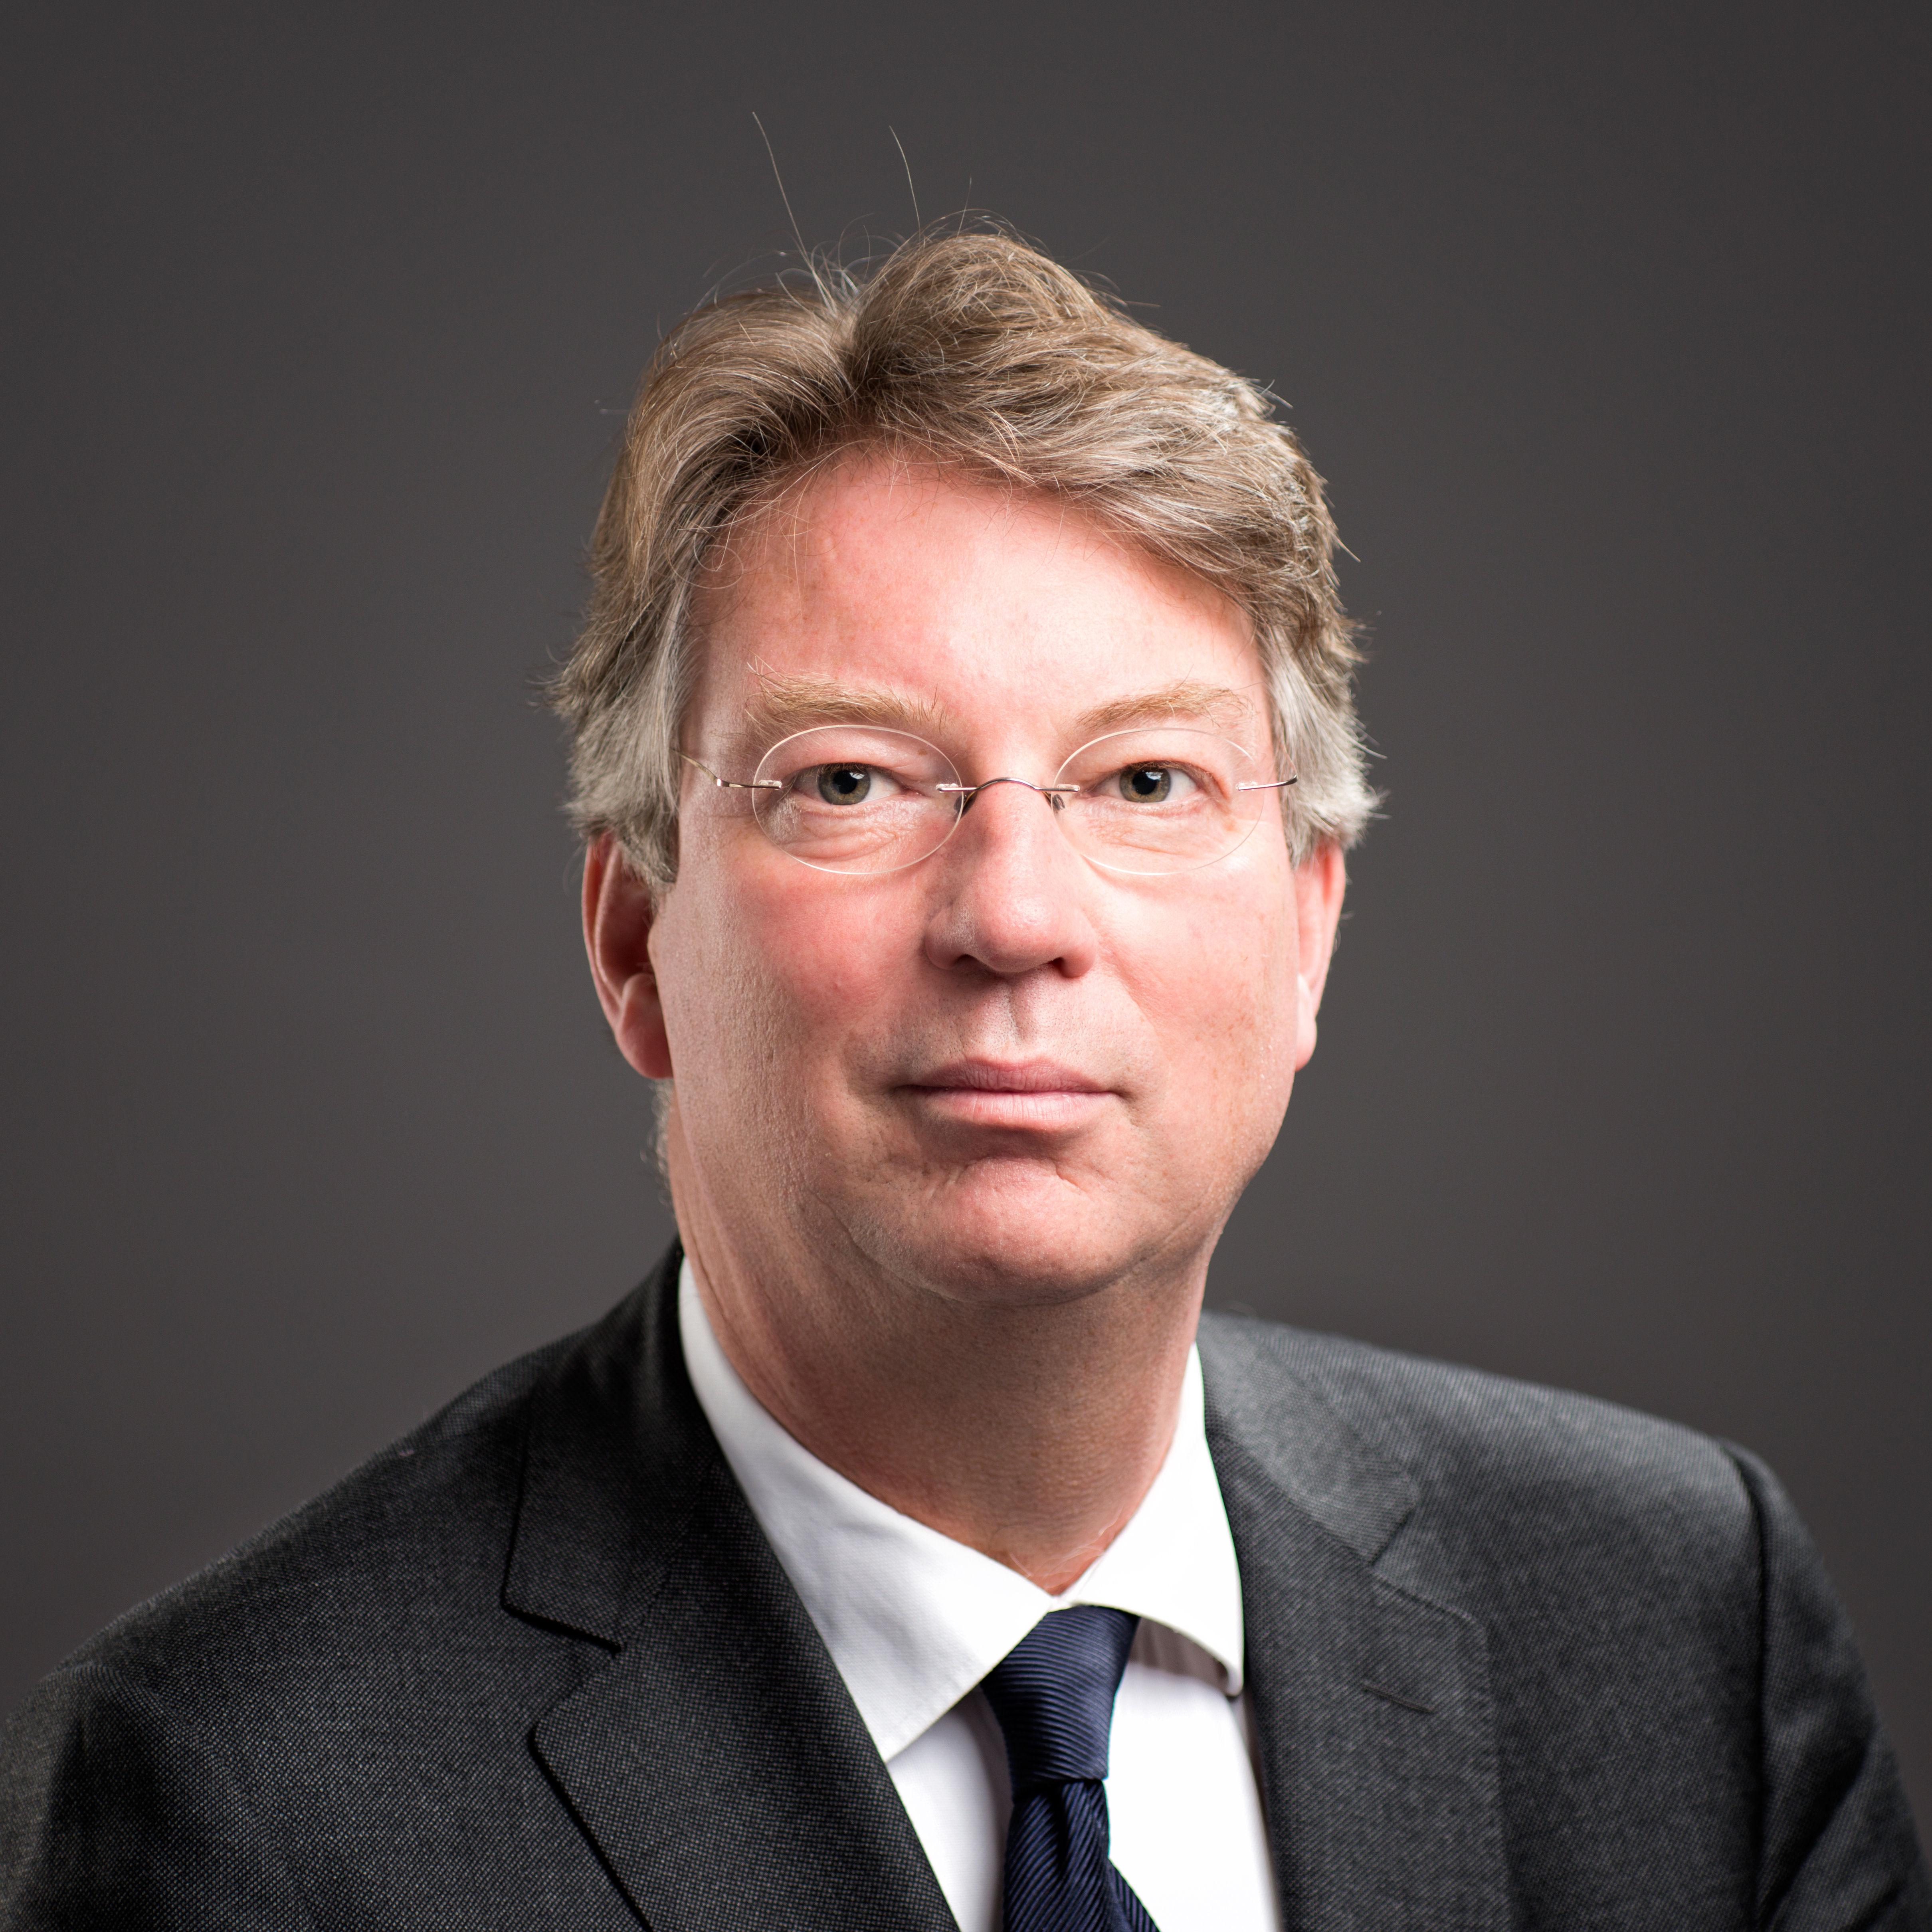 Arend Jan Boekestijn - Zijwaarts - Vierkant - HR